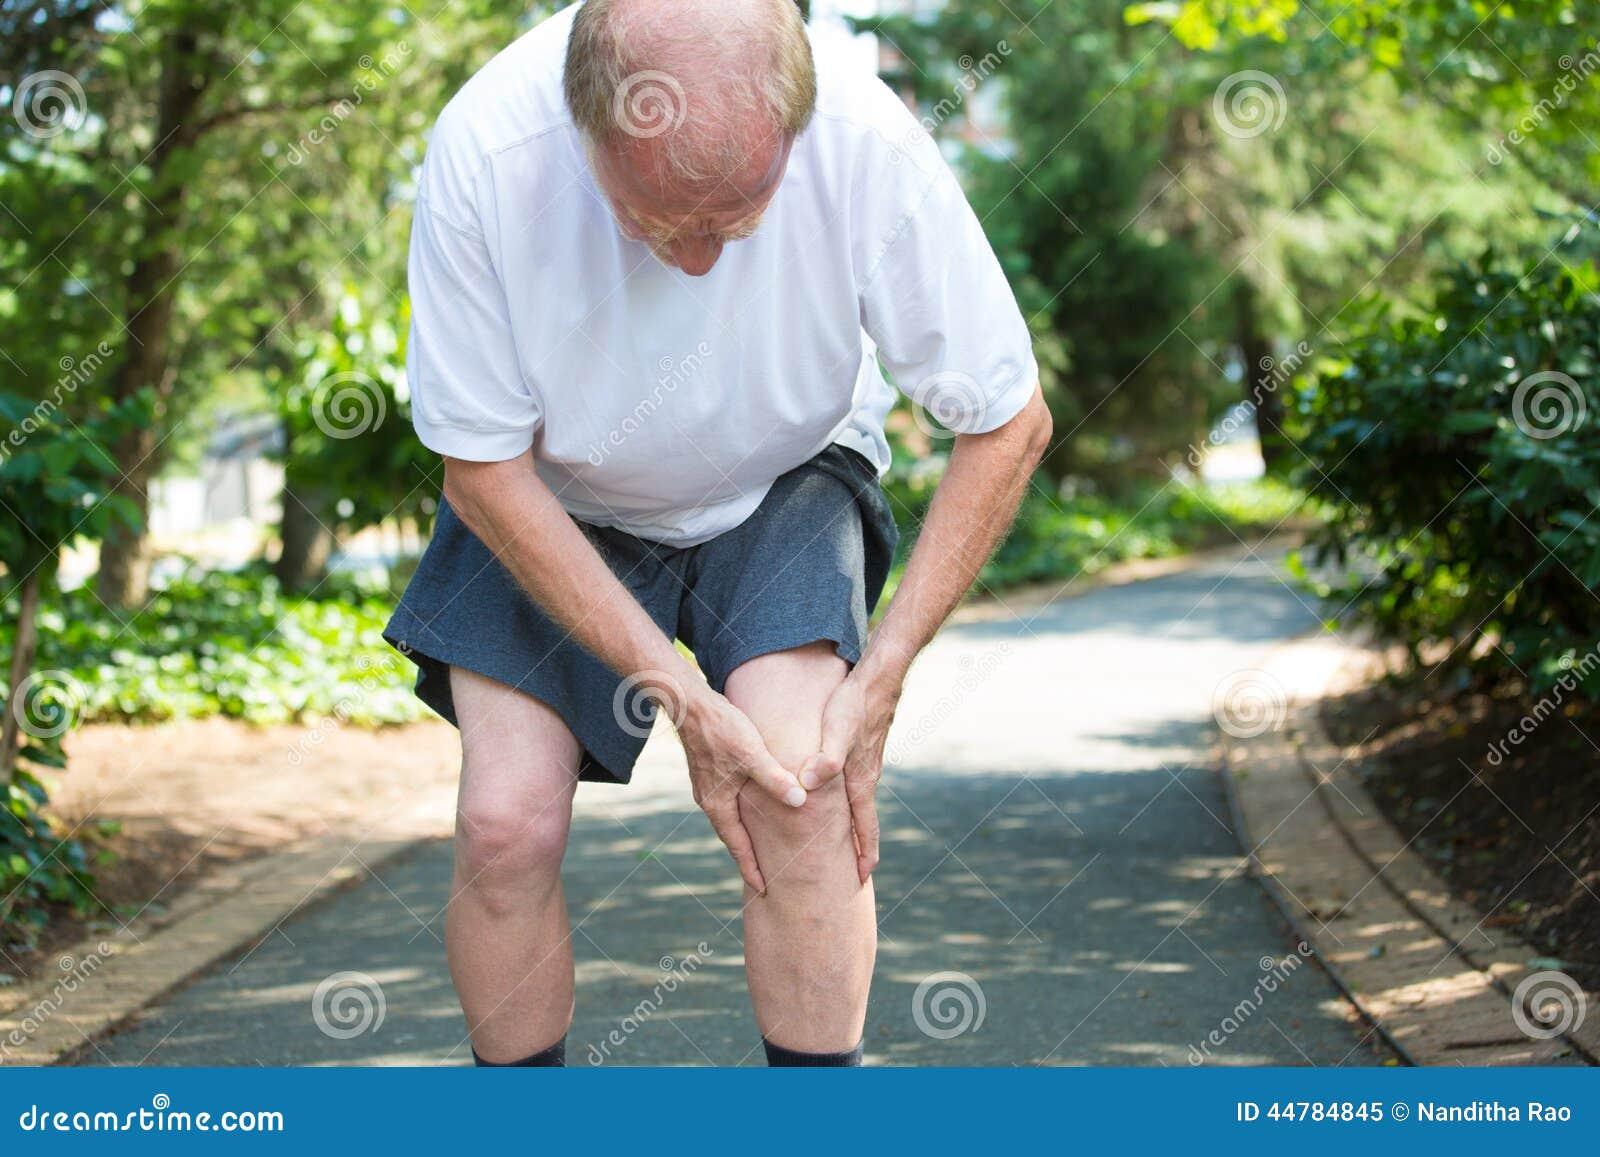 Douleur de genou photo stock image 44784845 for Douleur genou exterieur